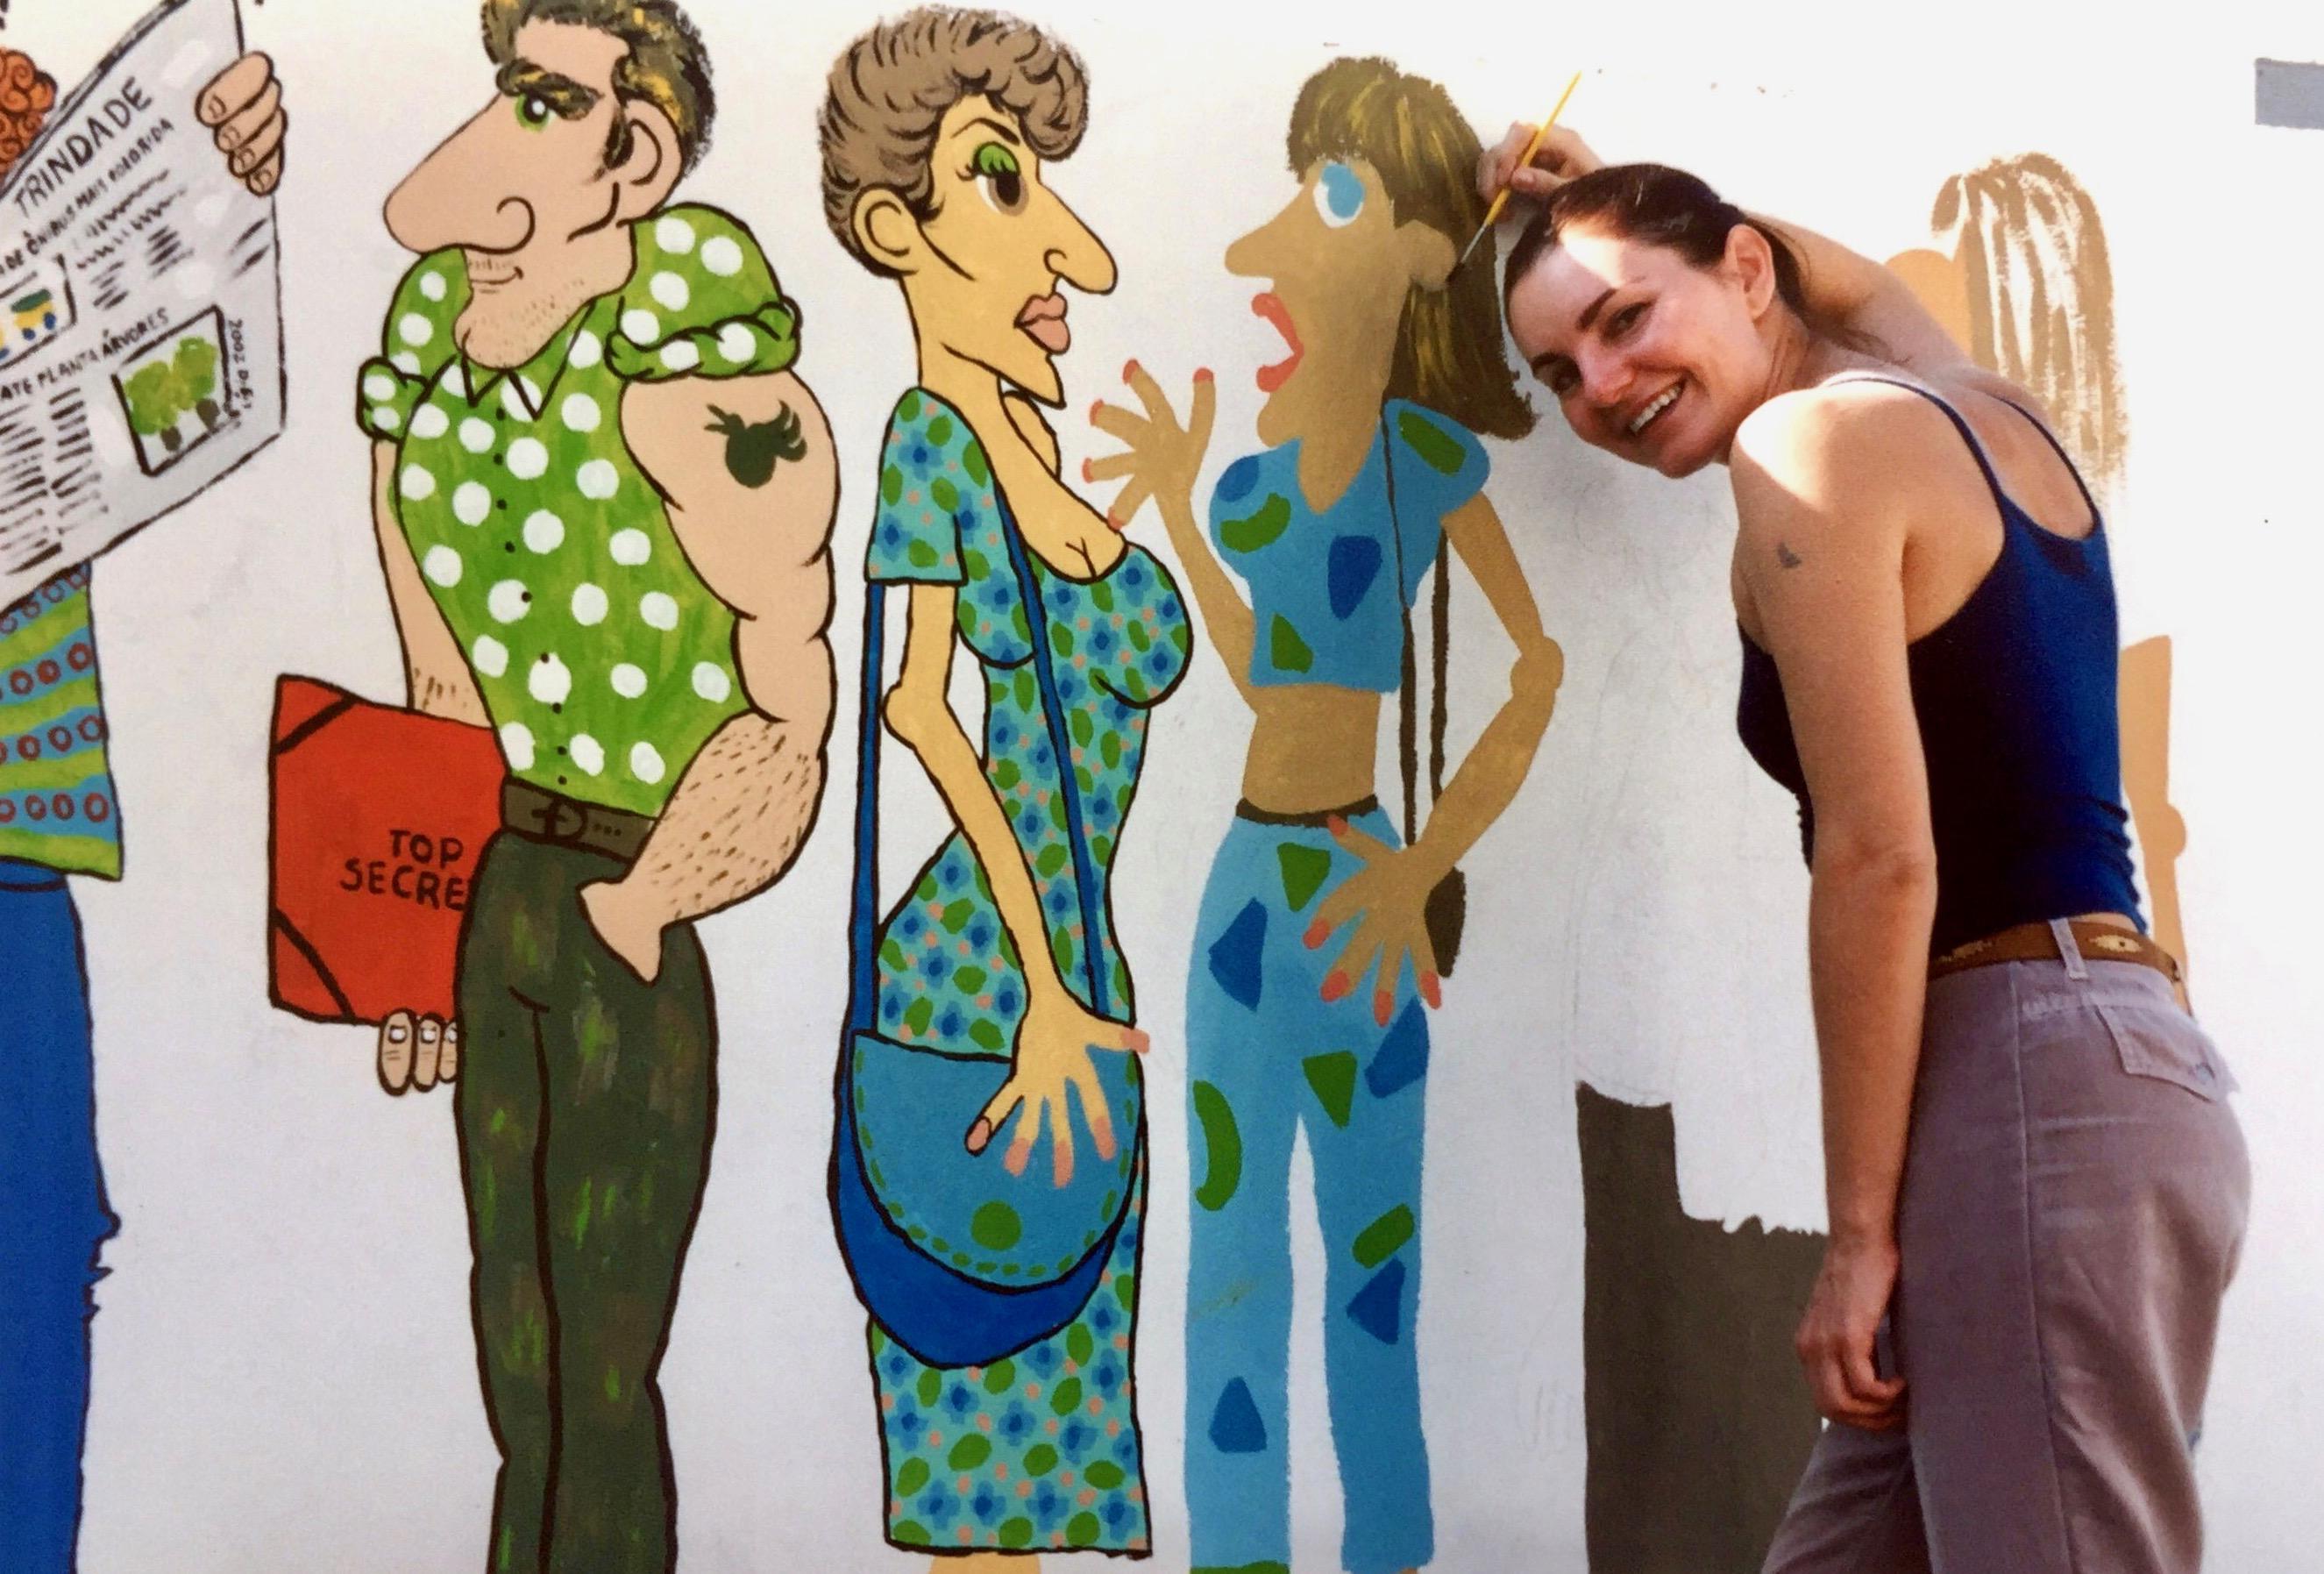 #paracegover A imagem mostra uma mulher sorrindo ao lado de um muro com desenhos inacabados.